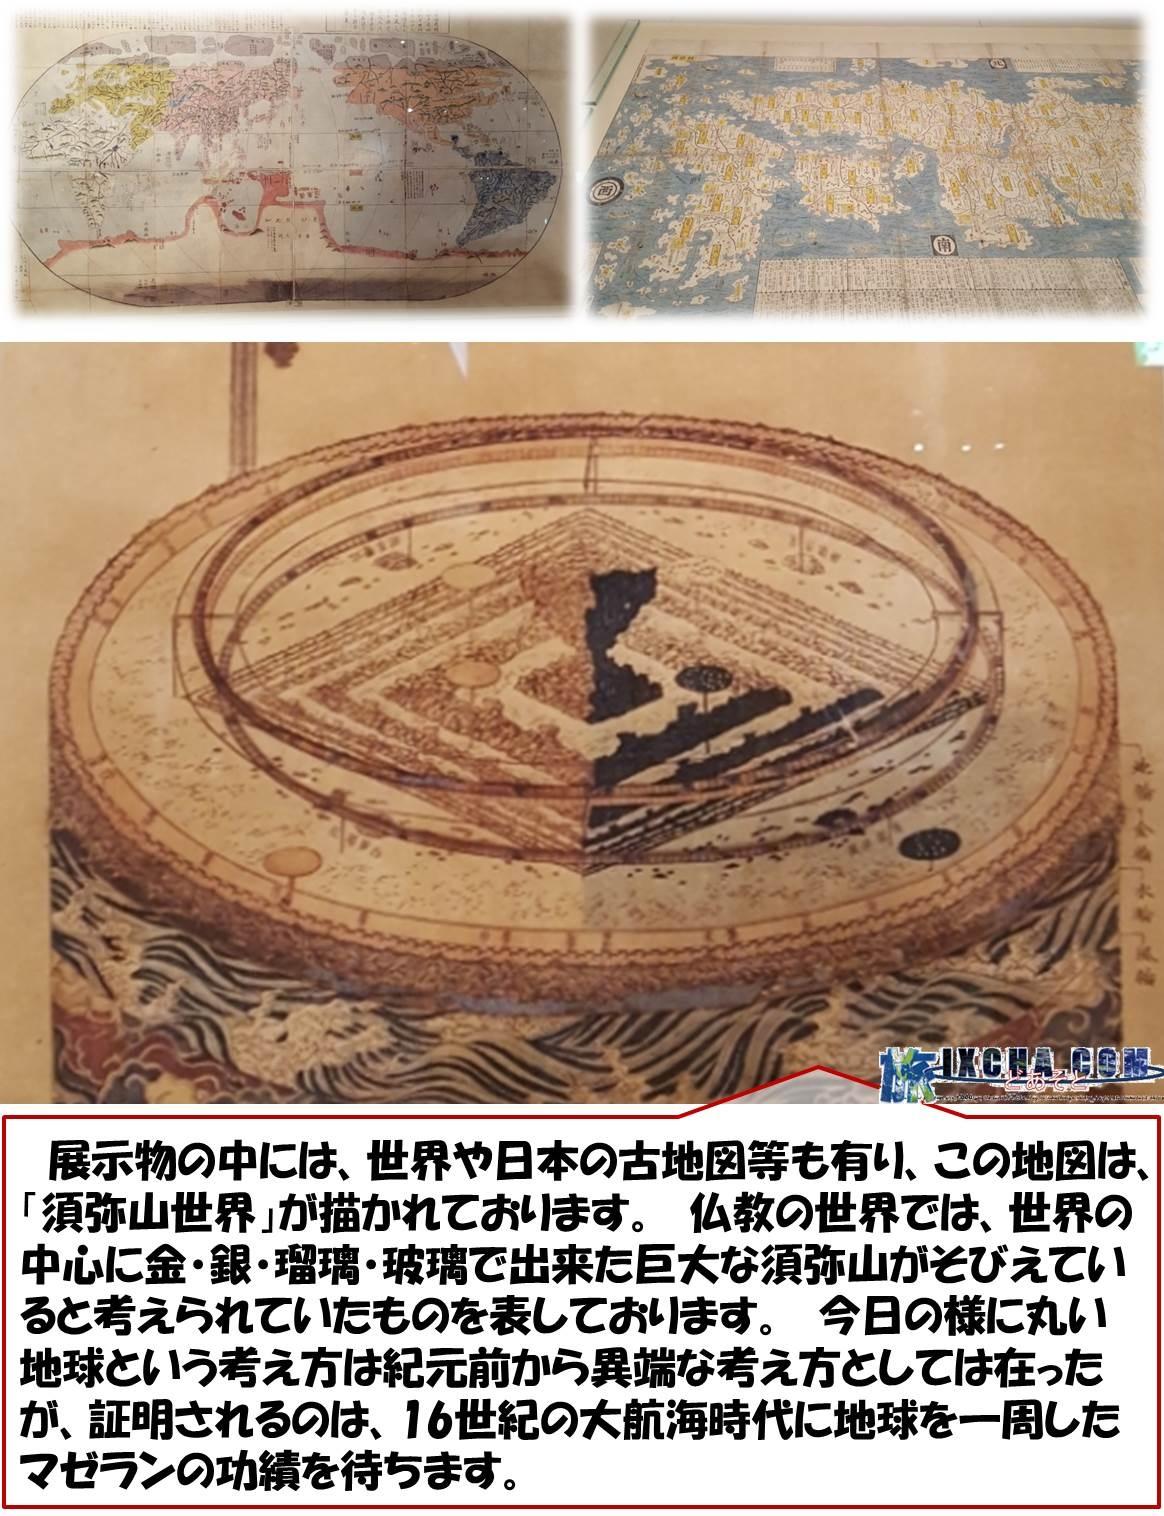 展示物の中には、世界や日本の古地図等も有り、この地図は、「須弥山世界」が描かれております。 仏教の世界では、世界の中心に金・銀・瑠璃・玻璃で出来た巨大な須弥山がそびえていると考えられていたものを表しております。 今日の様に丸い地球という考え方は紀元前から異端な考え方としては在ったが、証明されるのは、16世紀の大航海時代に地球を一周したマゼランの功績を待ちます。